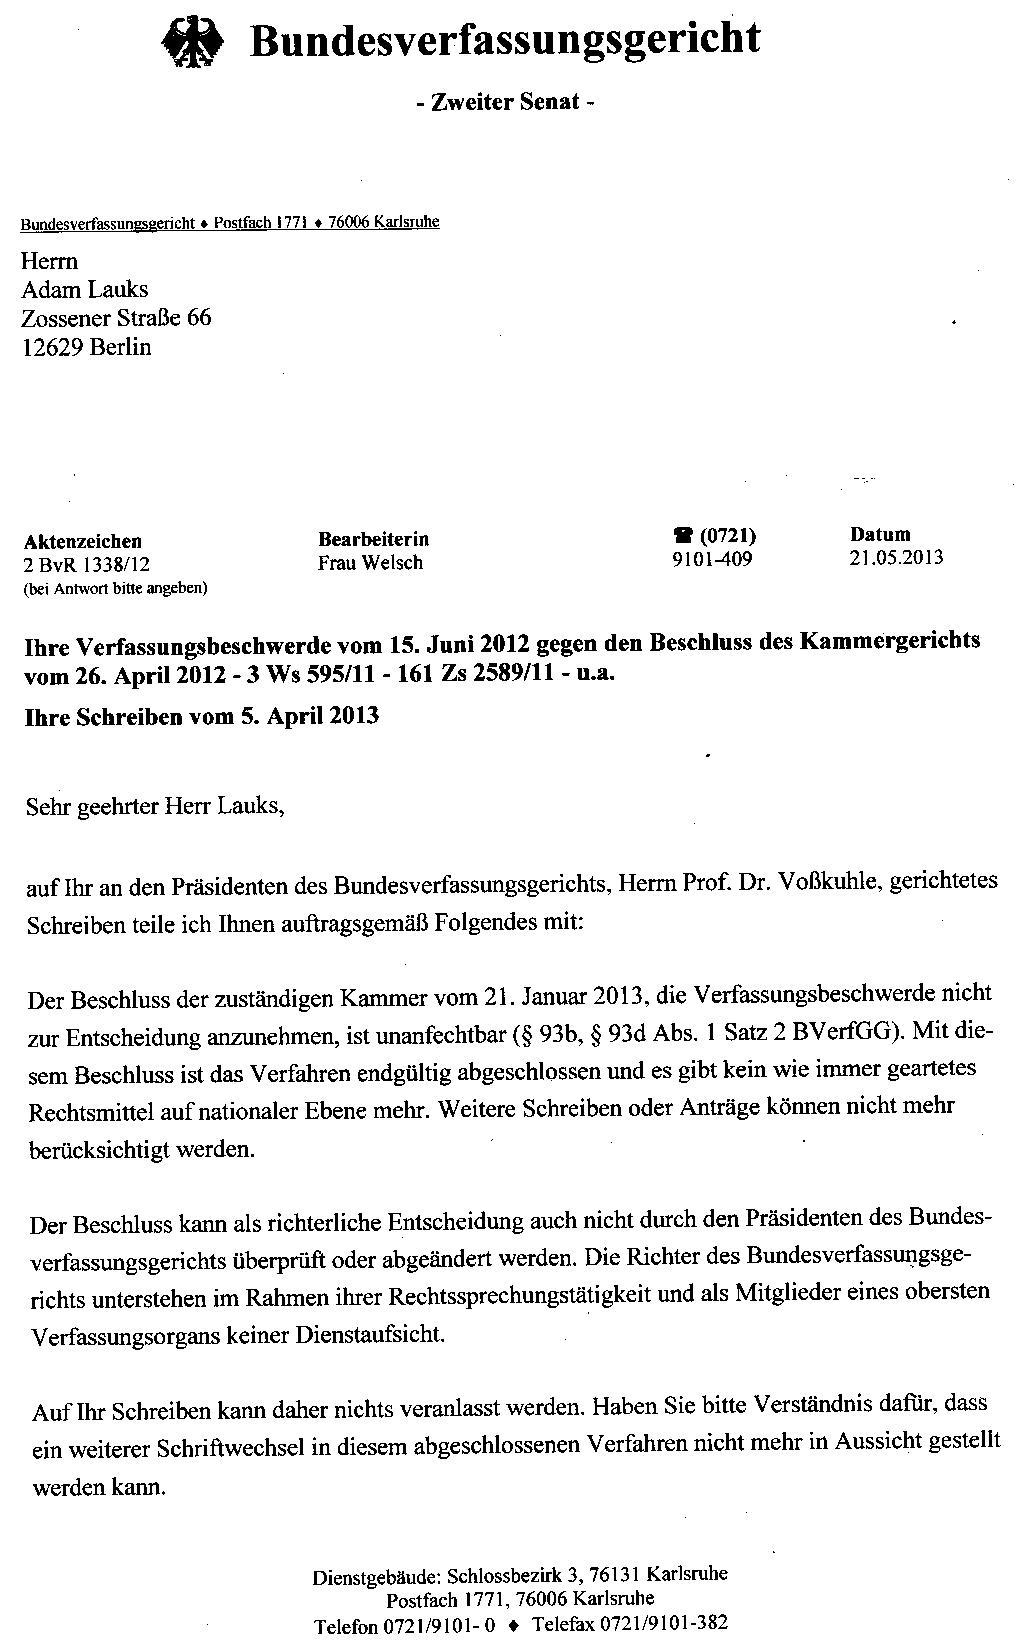 Brief Mit Einschreiben : Offener brief an den prÄsidenten des